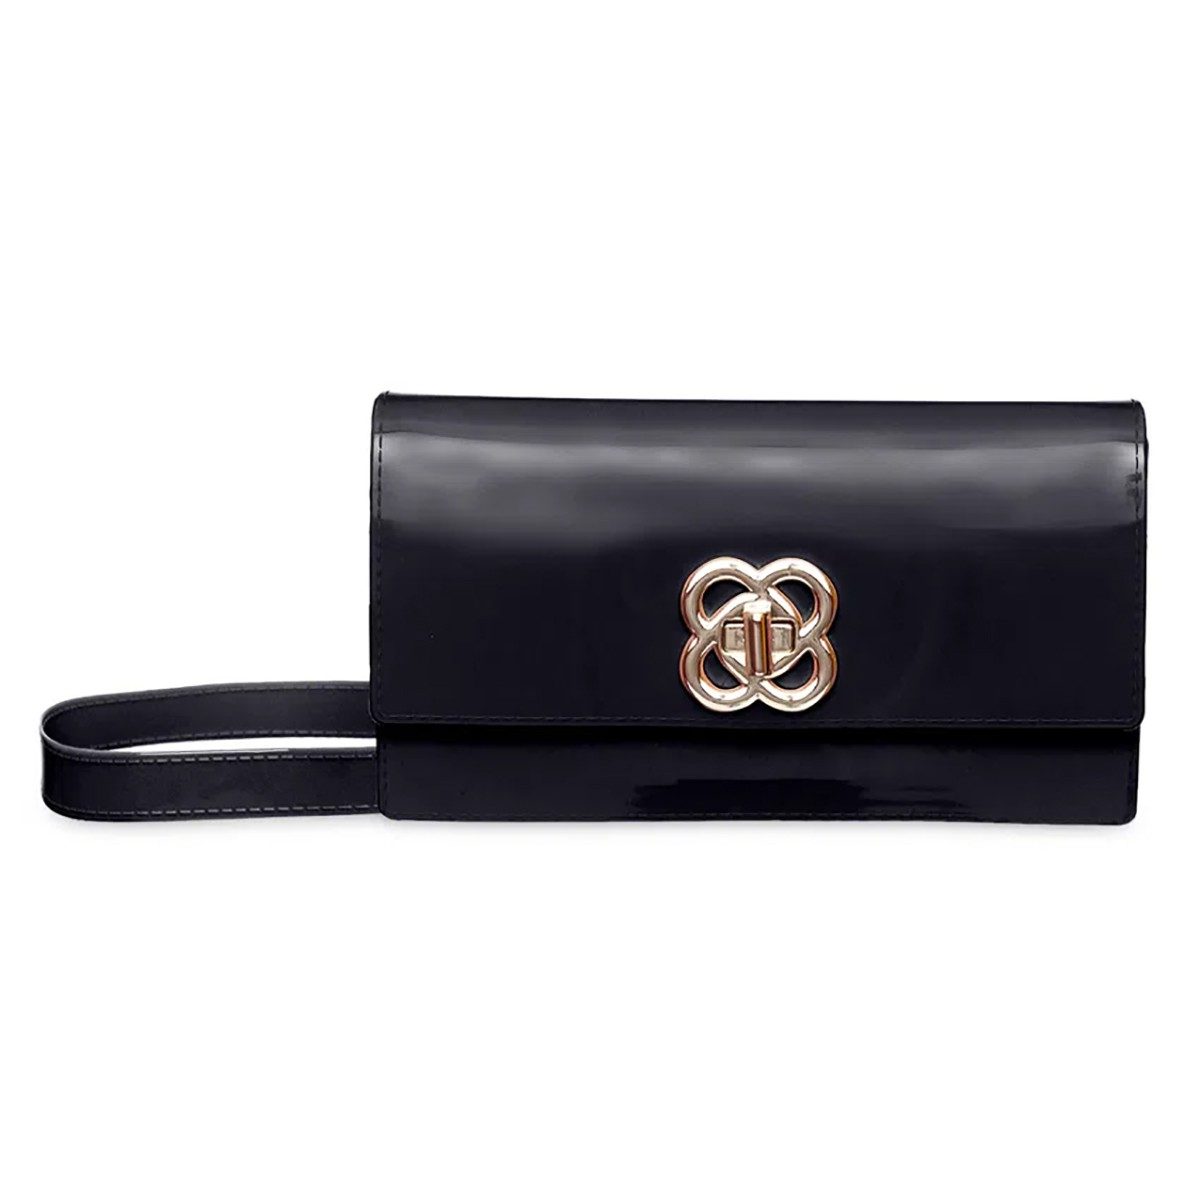 Bolsa Petite Jolie PJ4996 Long Wallet